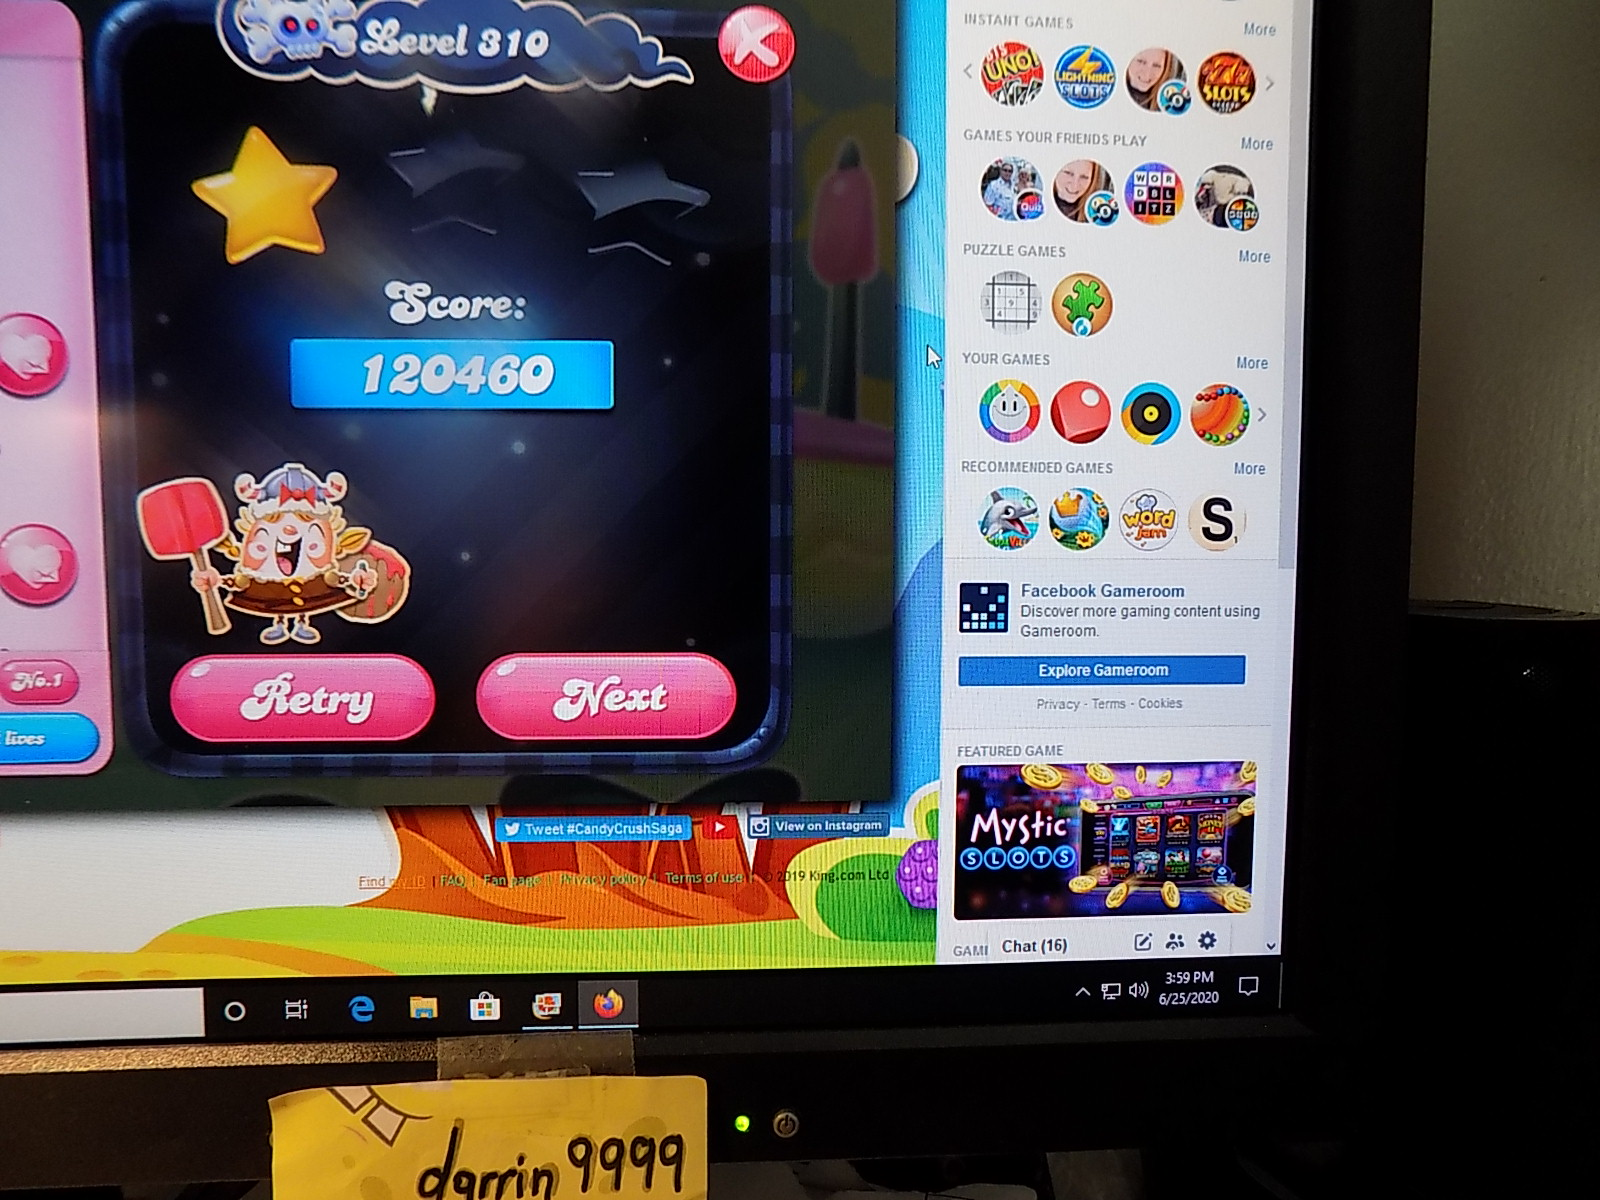 darrin9999: Candy Crush Saga: Level 310 (Web) 120,460 points on 2020-08-02 16:18:42